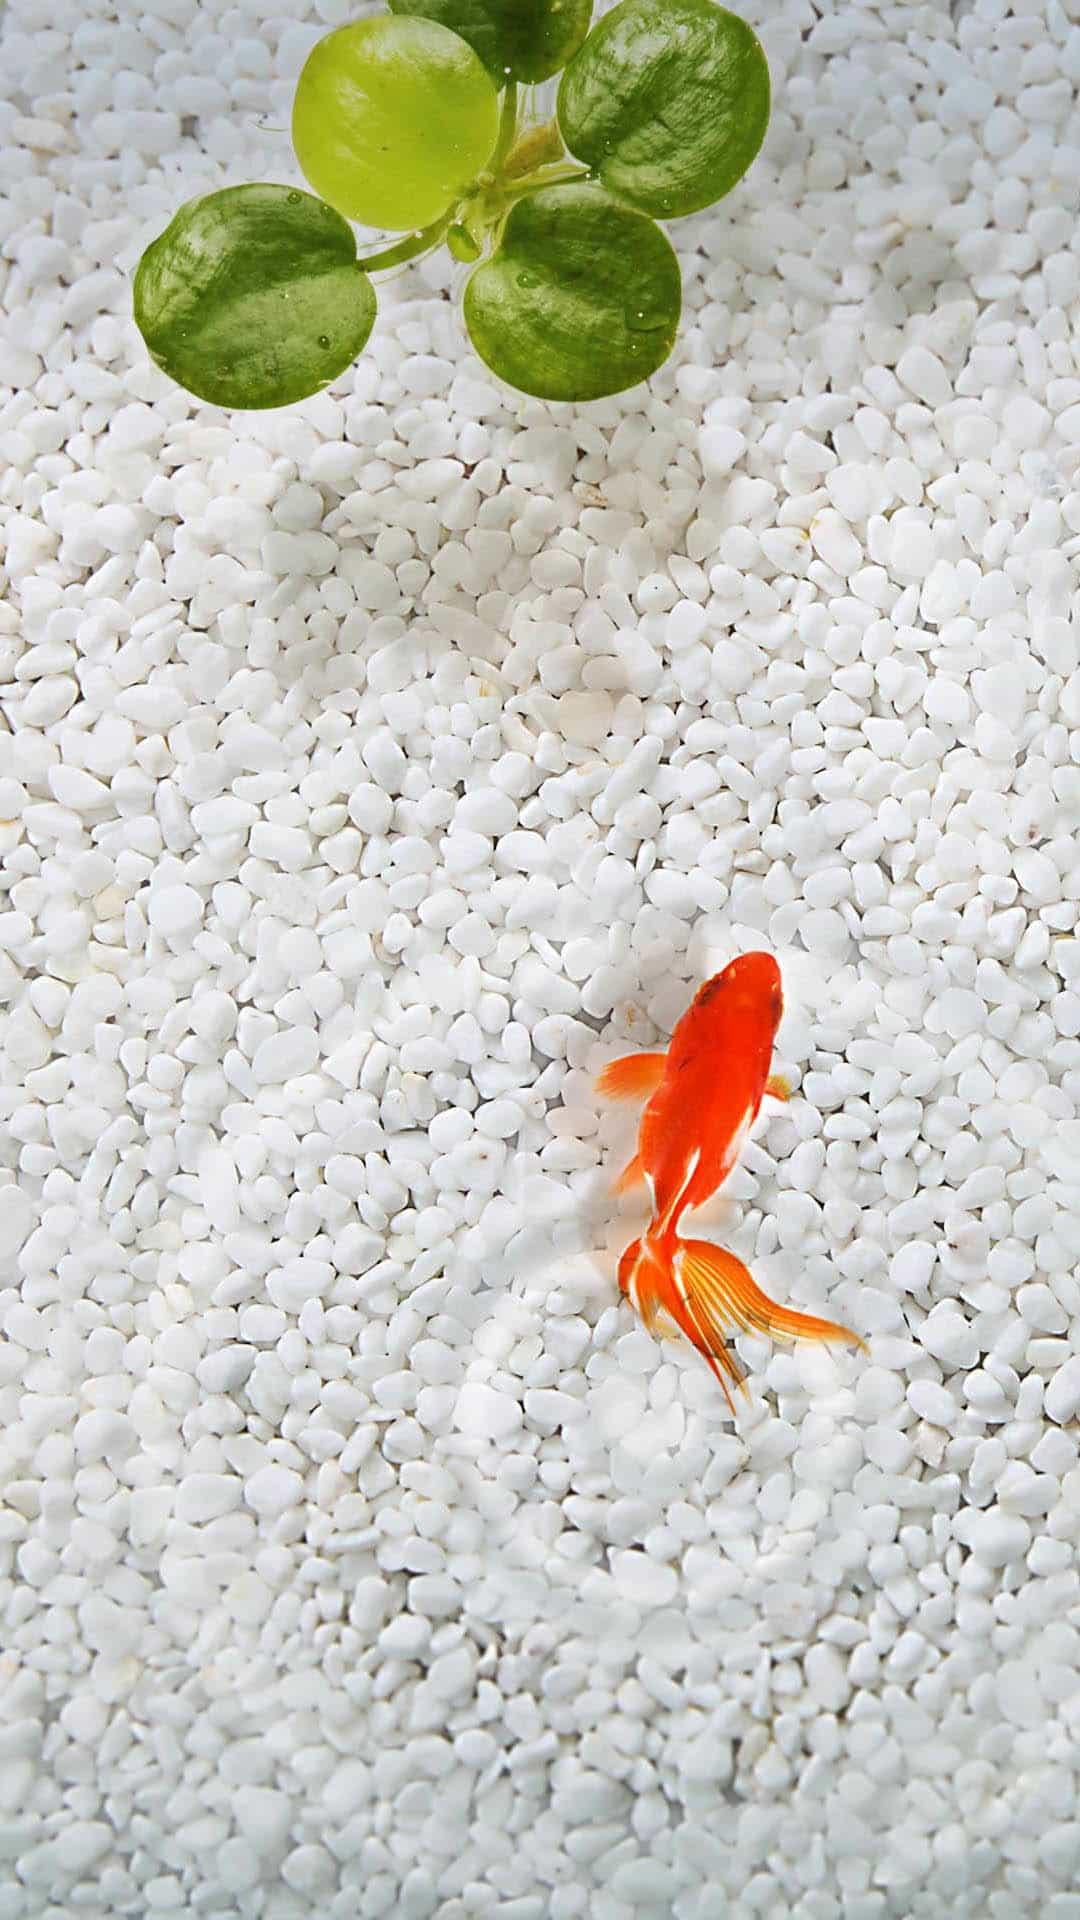 Orange Fish White Stone Aquarium Android Wallpaper